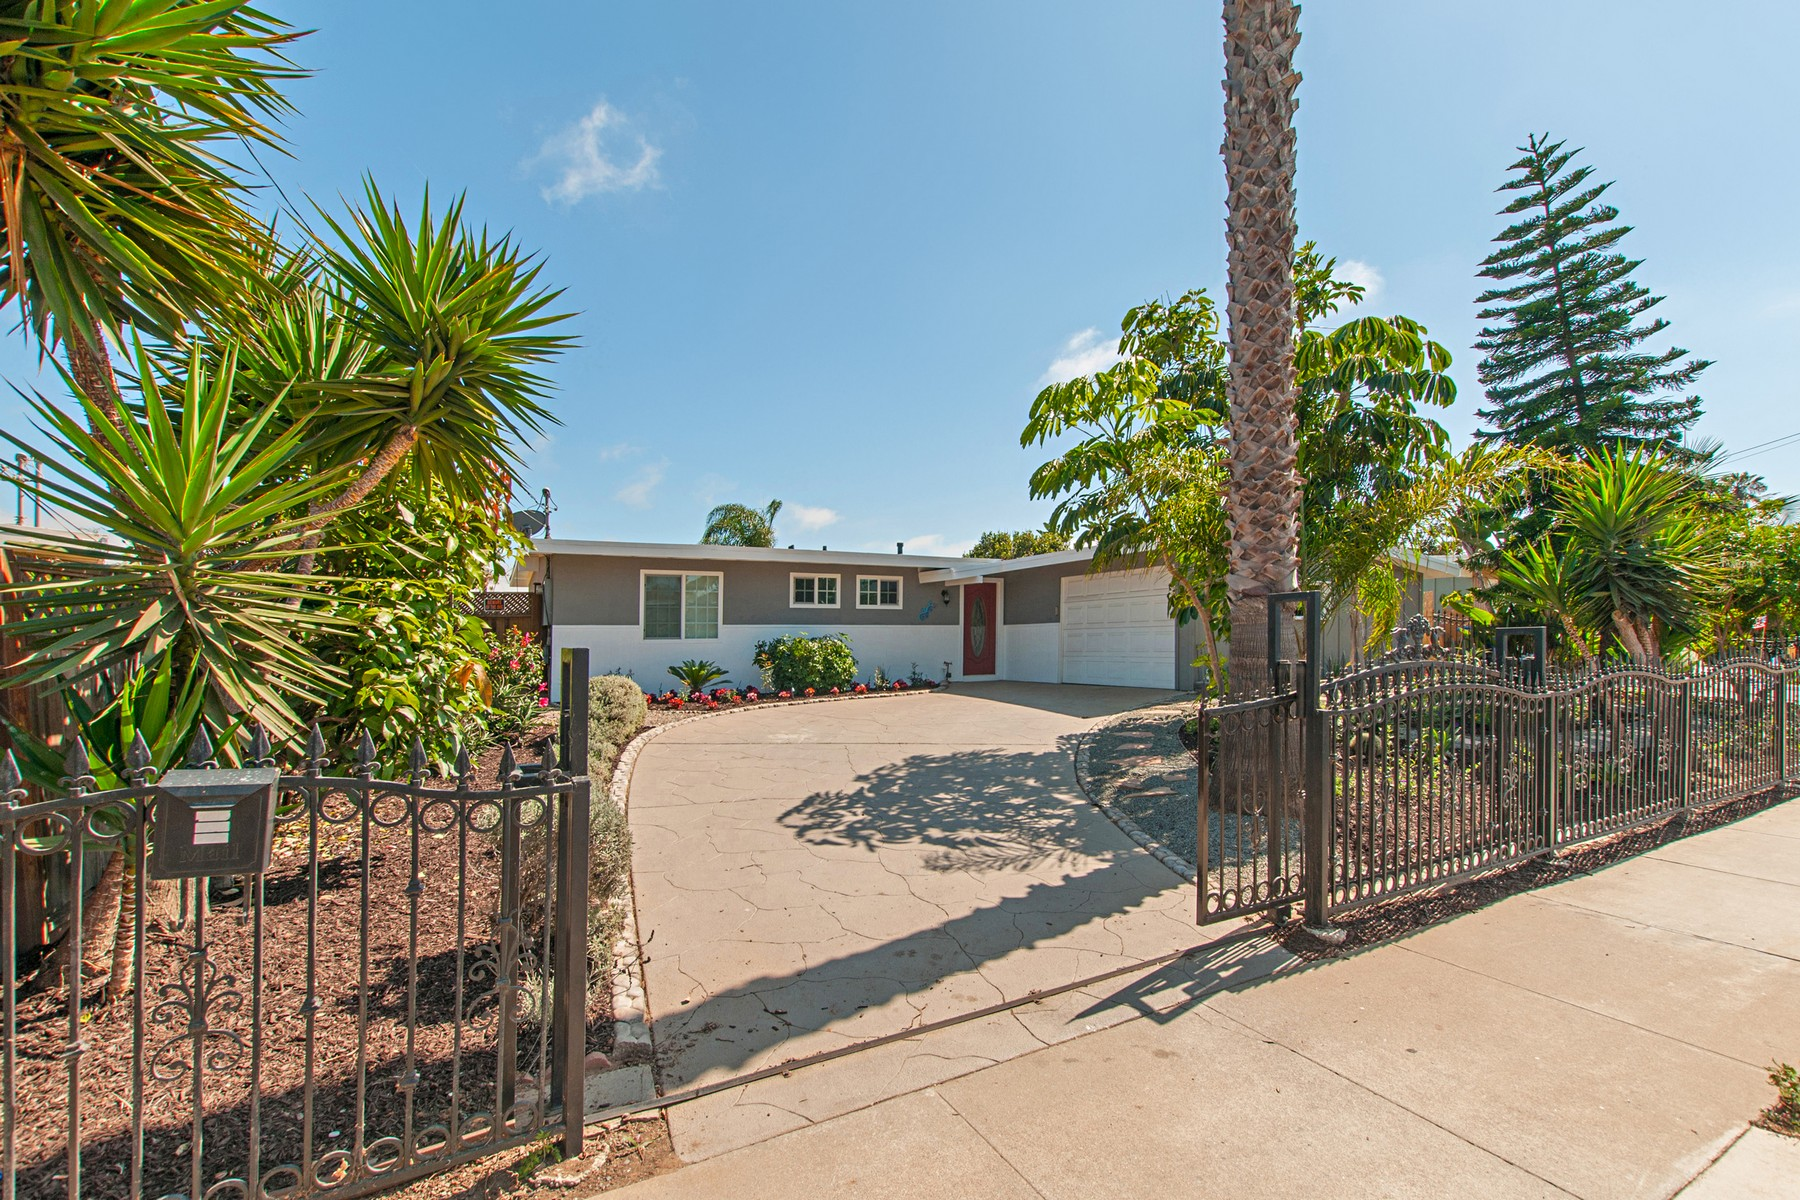 独户住宅 为 销售 在 1137 Holly Ave. 因皮里尔, 加利福尼亚州, 91932 美国